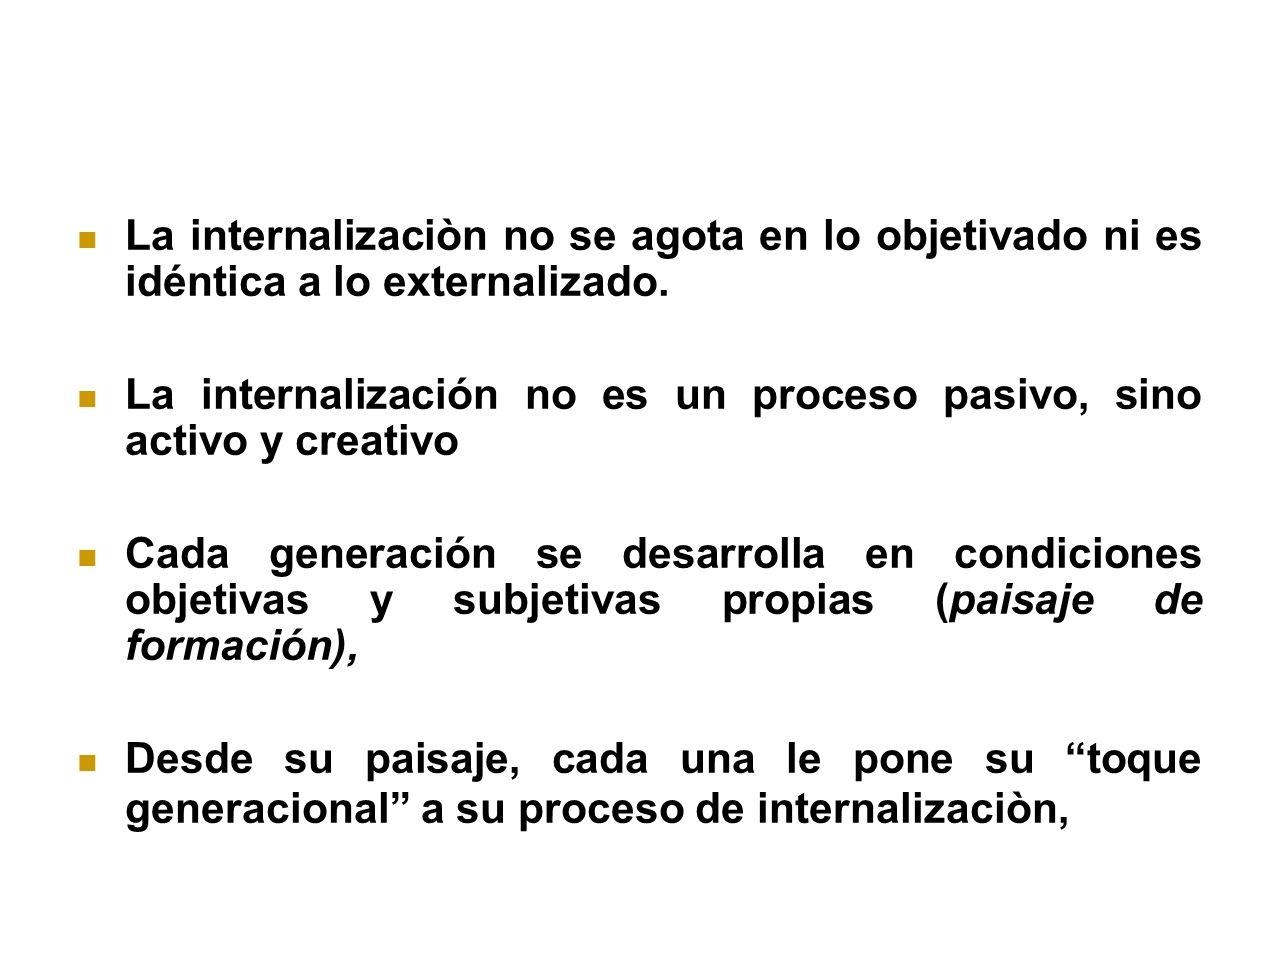 La internalizaciòn no se agota en lo objetivado ni es idéntica a lo externalizado.